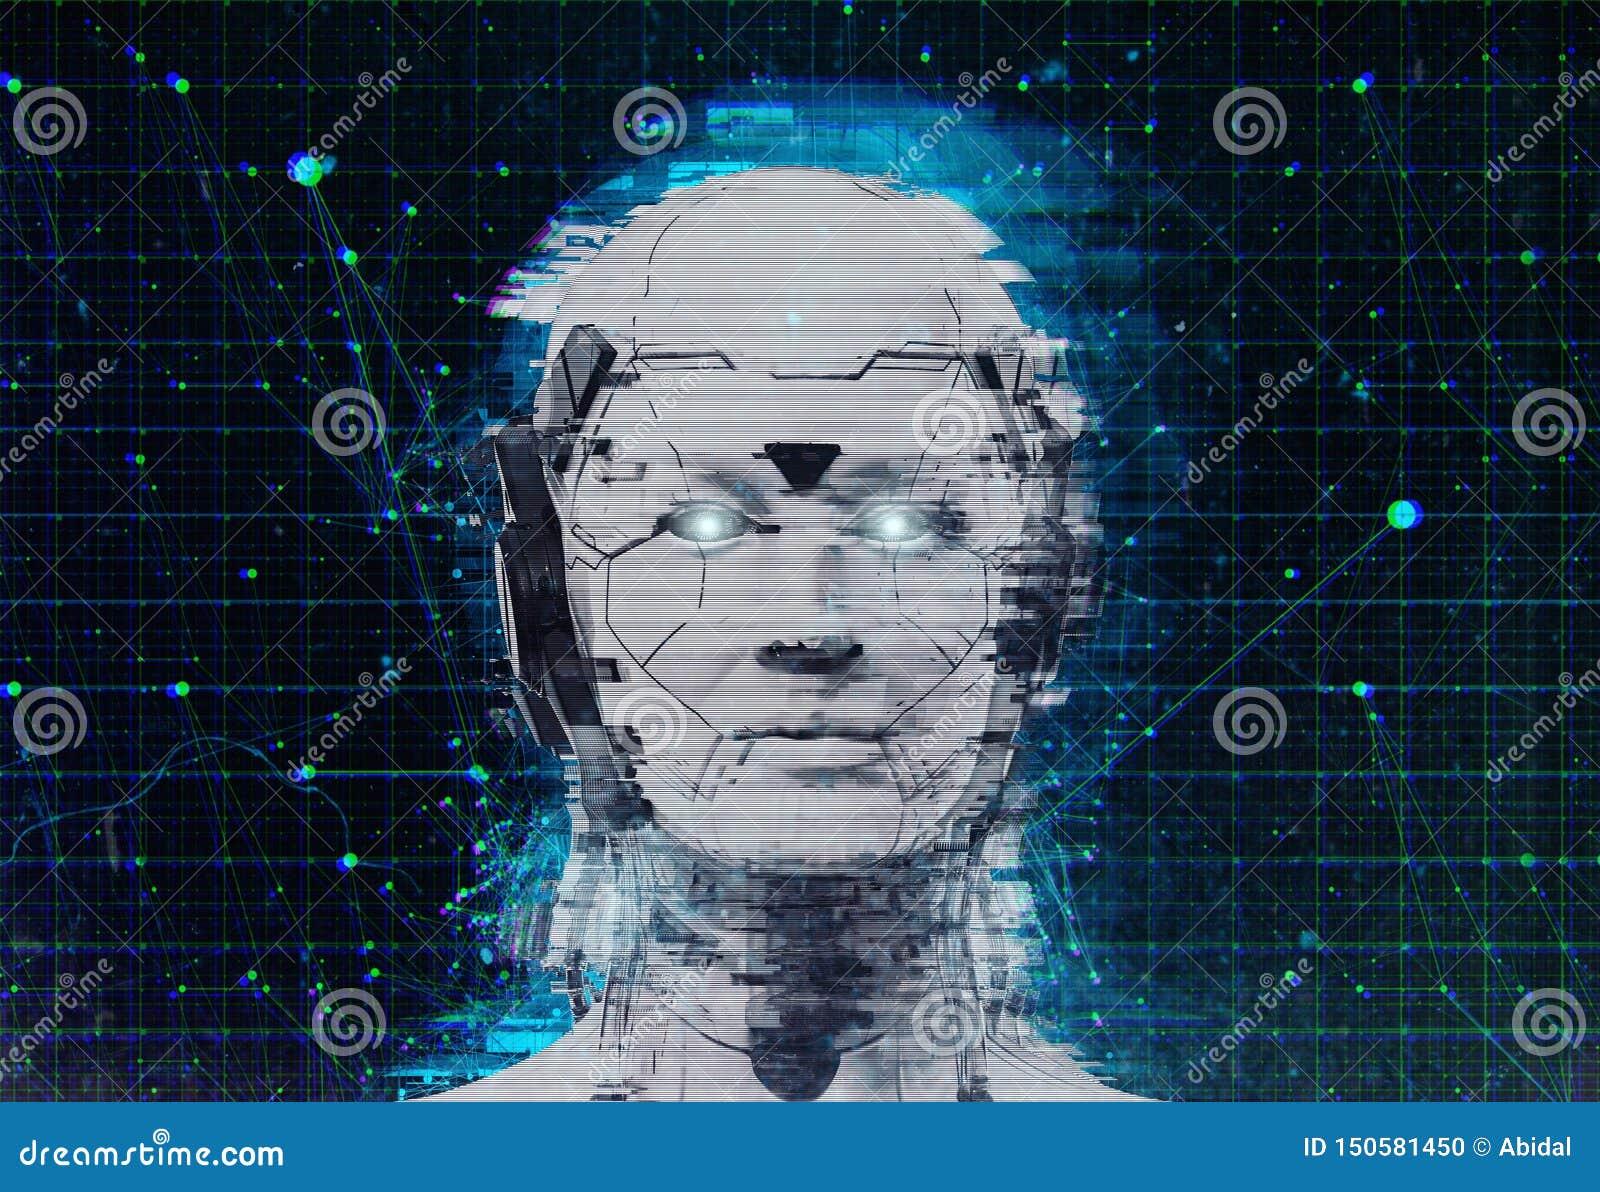 Technologia robota fantastyka naukowa kobiety cyborga androidu tło - Humanoid Sztuczna inteligencja wallpaper-3D odpłaca się